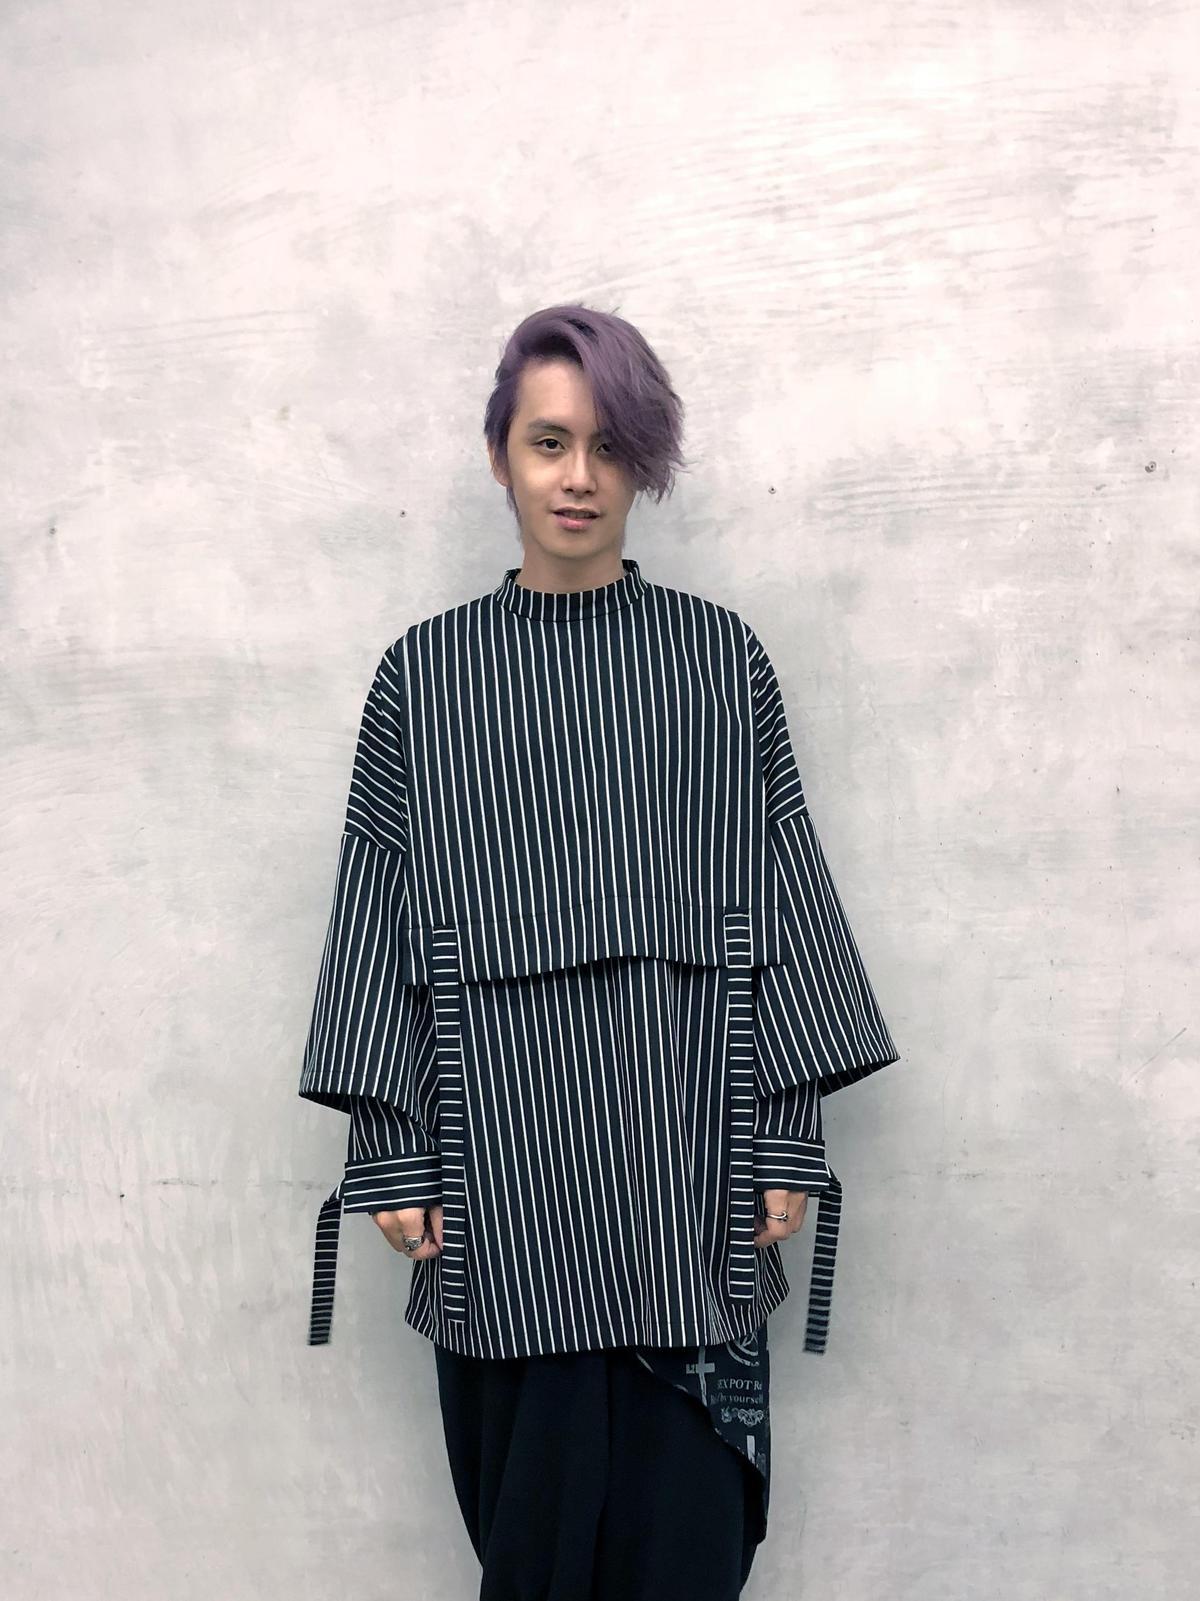 田亞霍邀她加入去死團 七夕唱分手悲歌 - Yahoo奇摩新聞